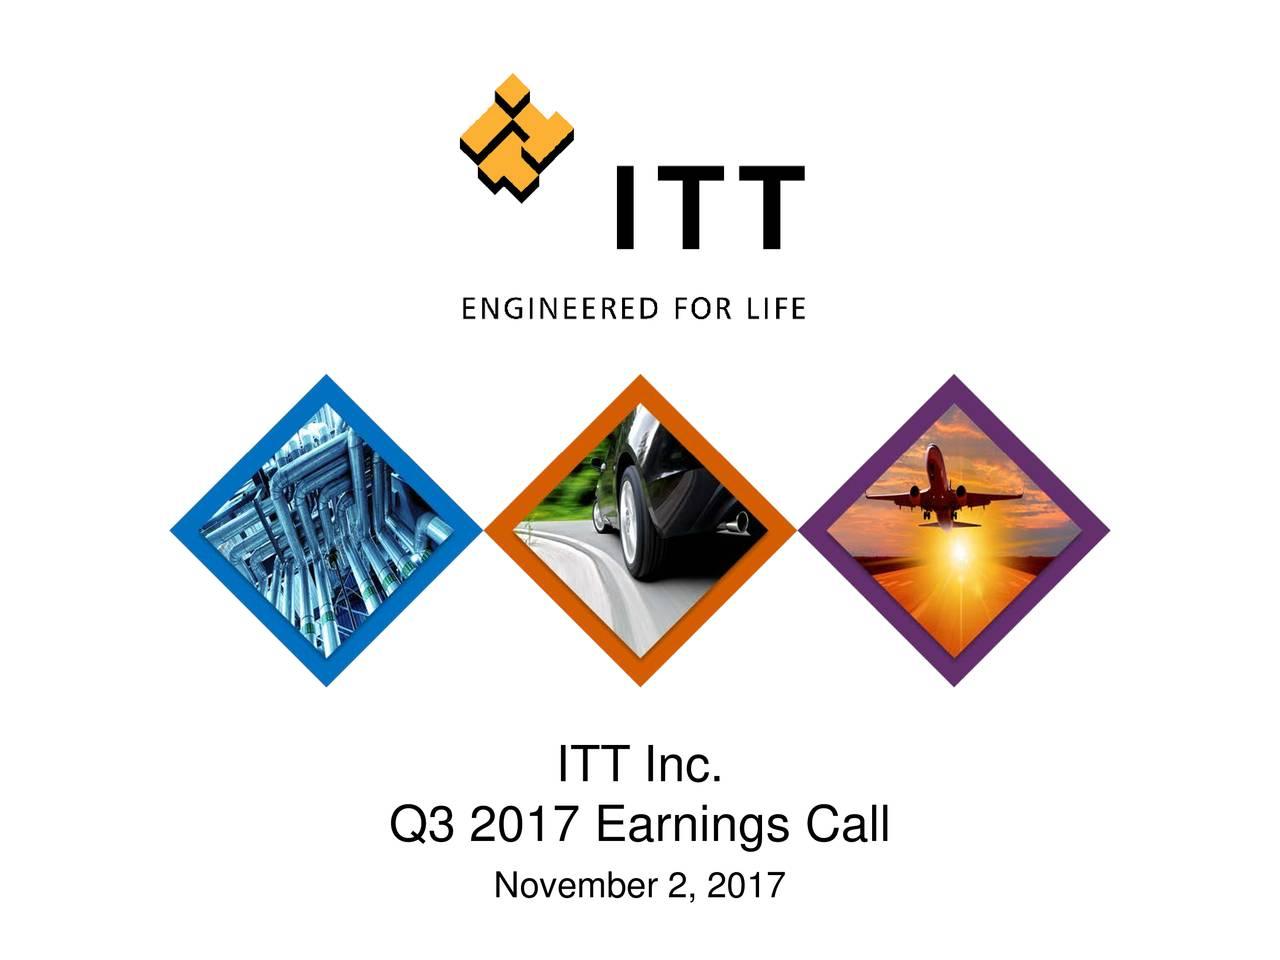 Q3 2017 Earnings Call November 2, 2017